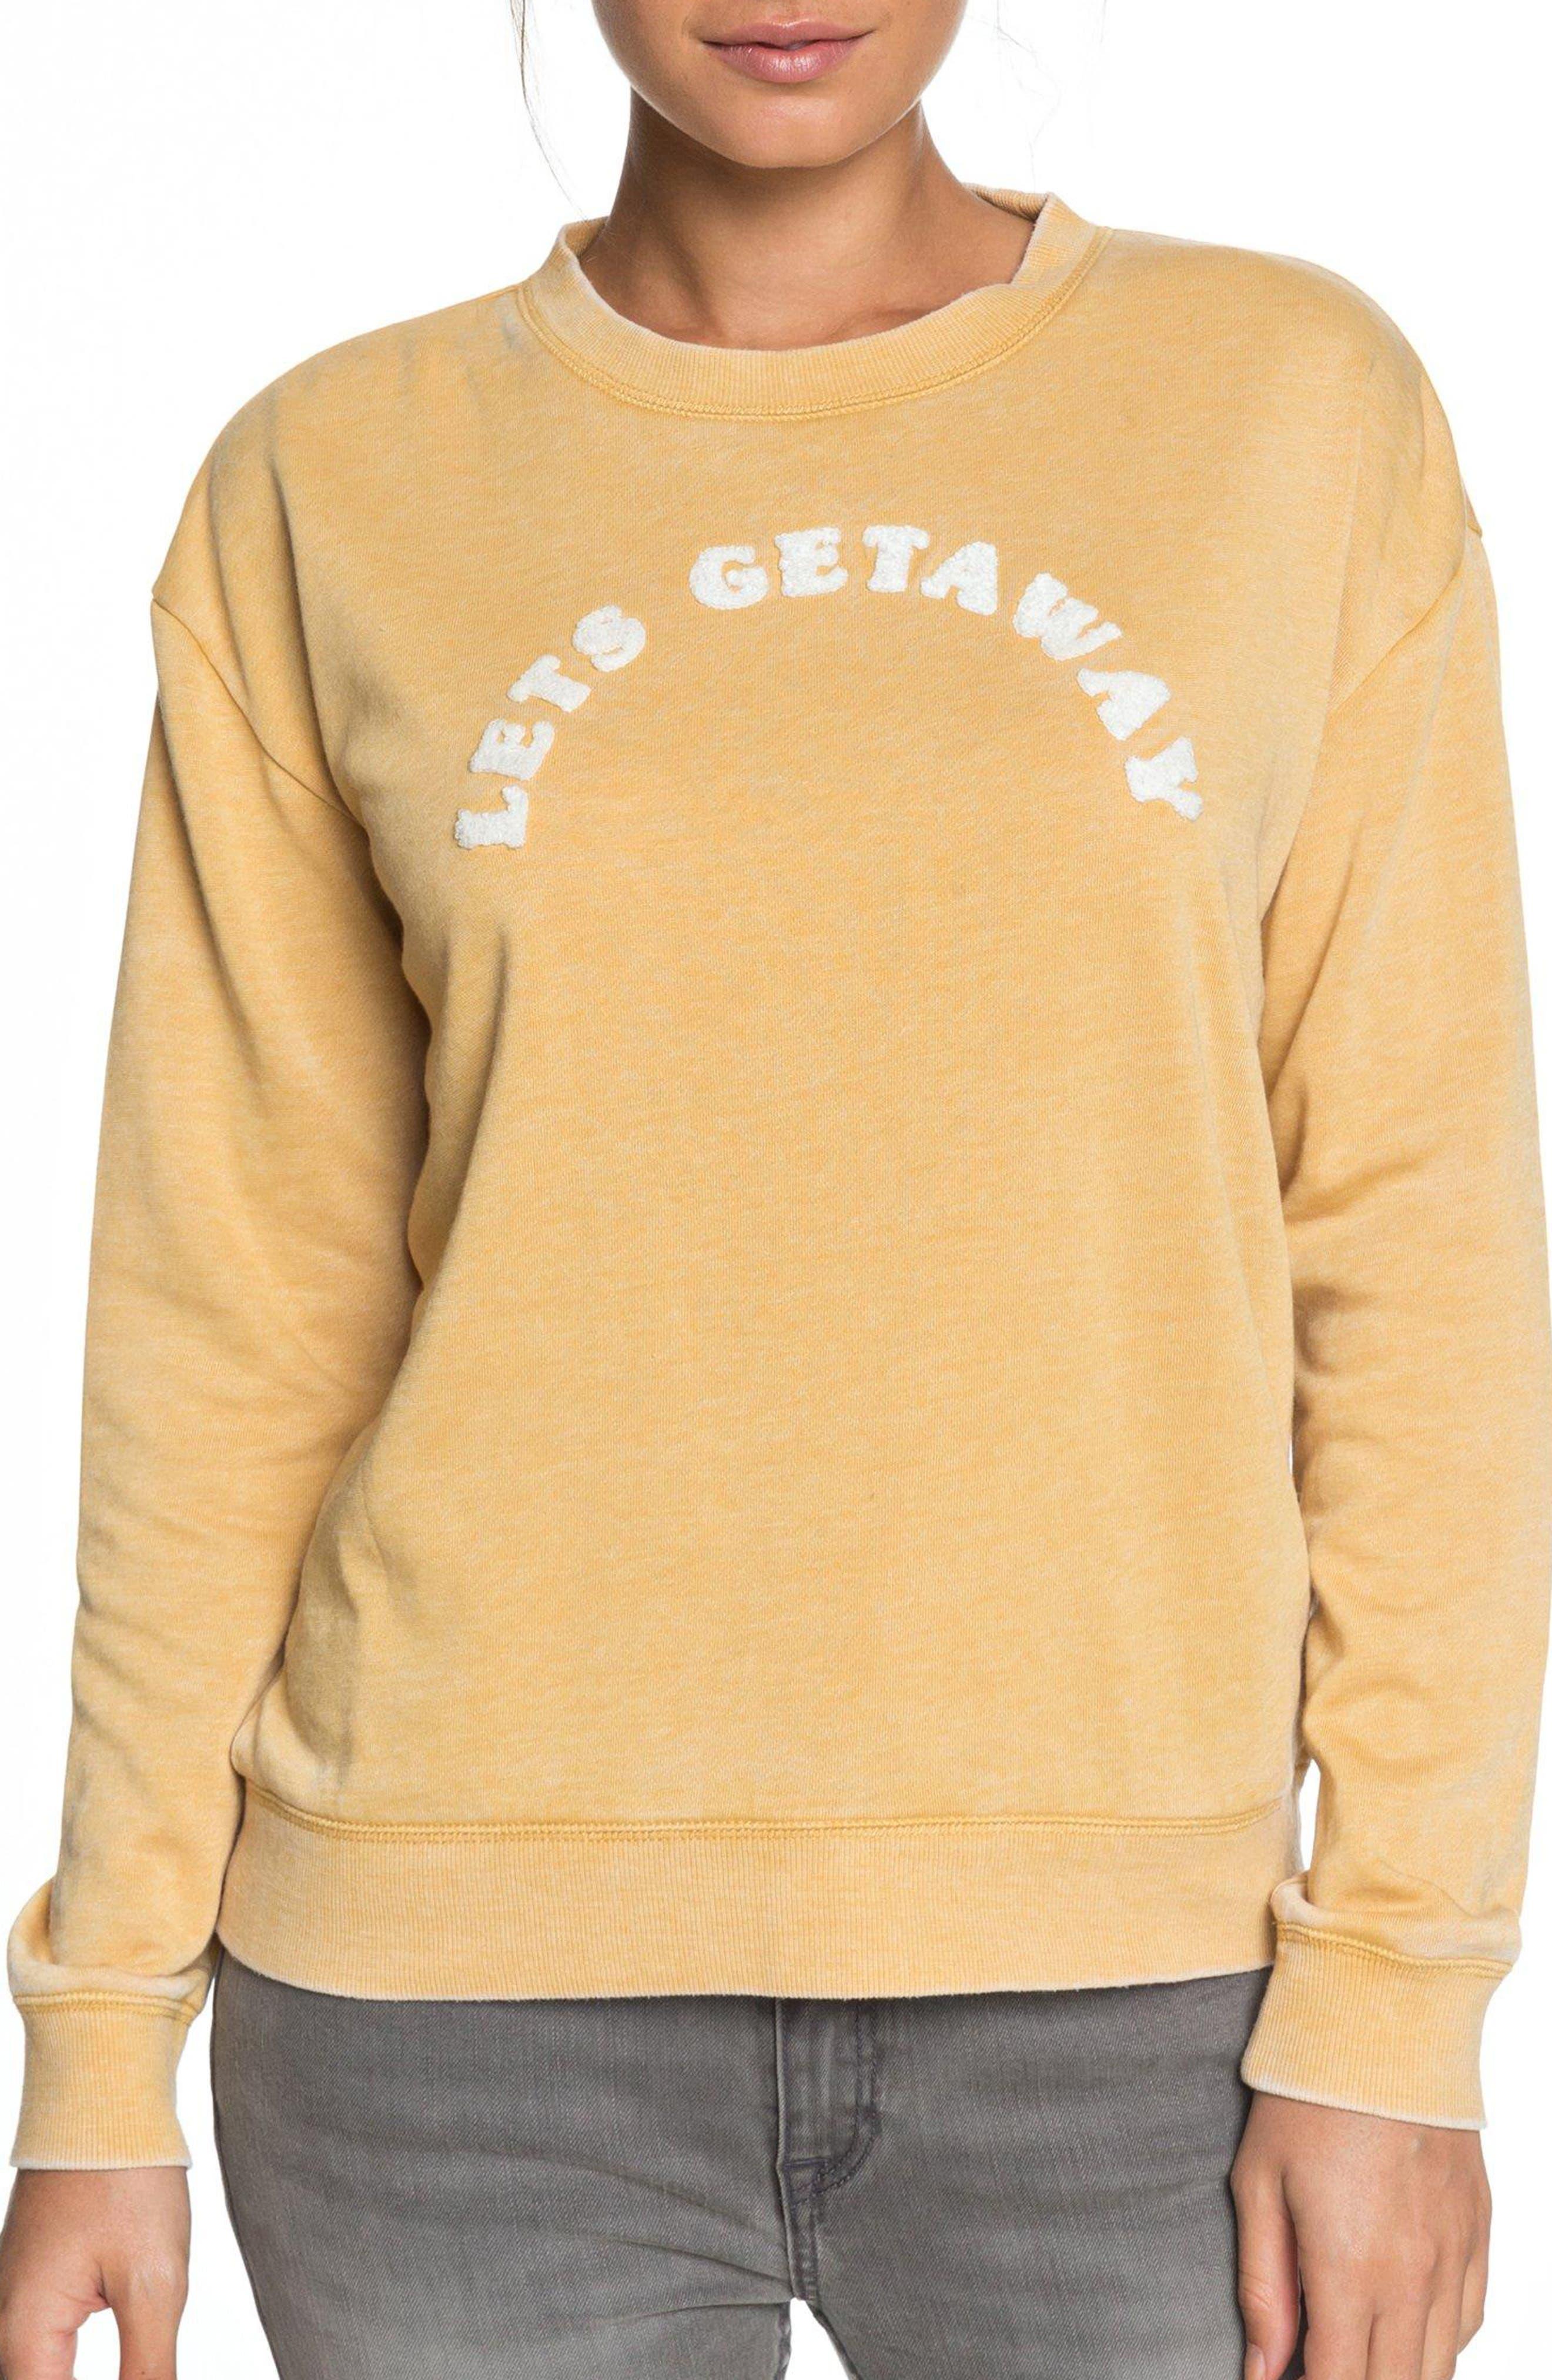 All At Sea Sweatshirt,                             Main thumbnail 1, color,                             700